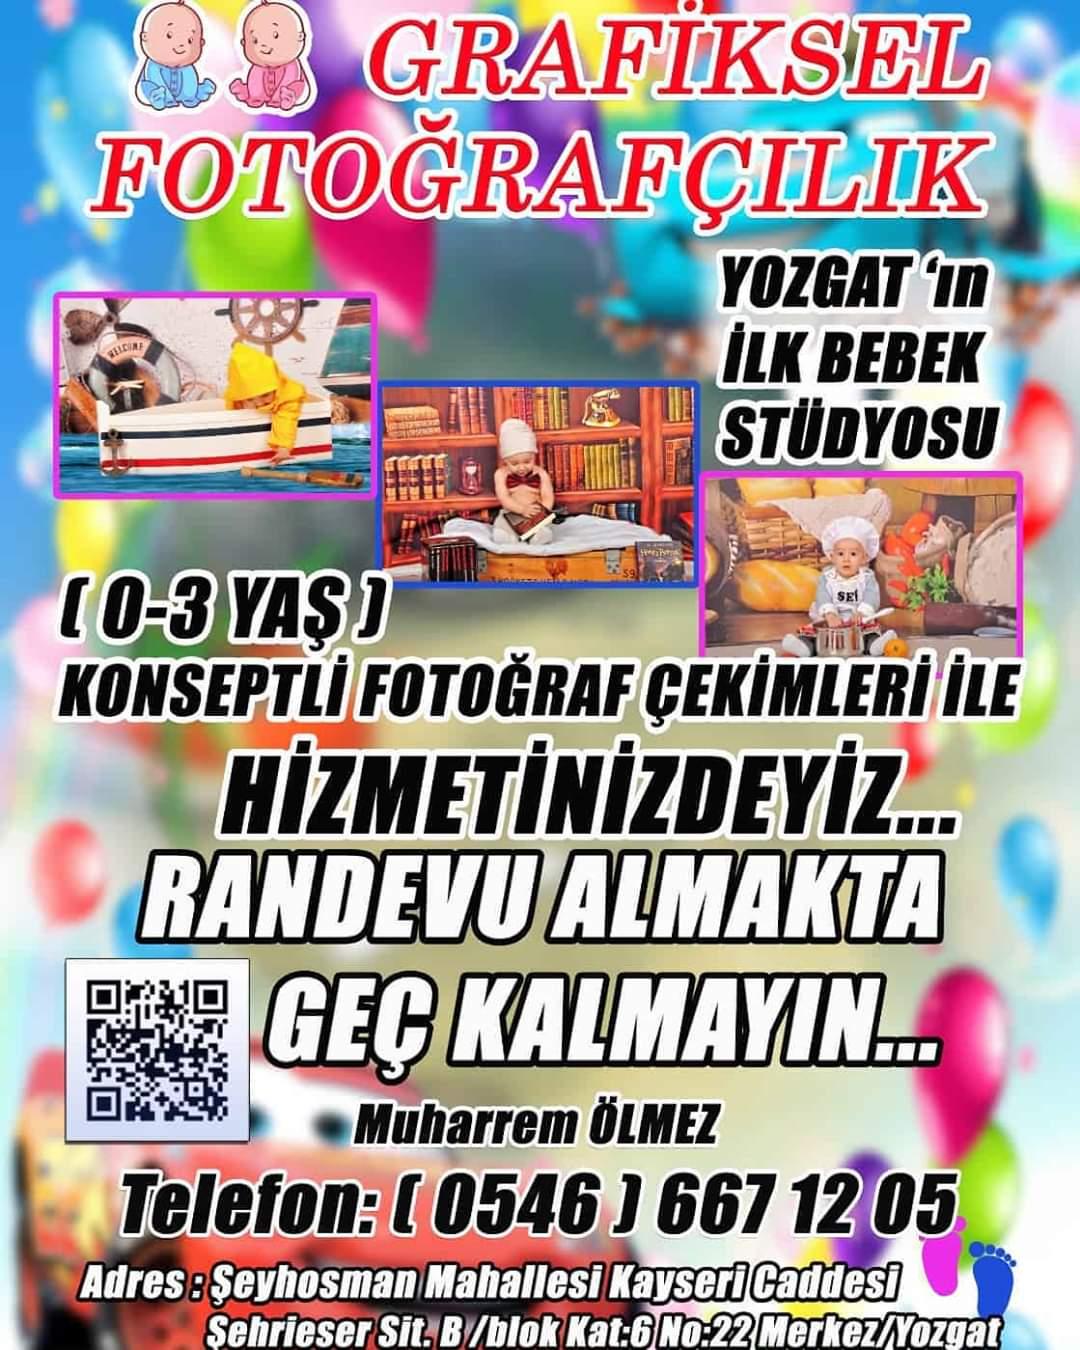 Grafiksel Fotoğrafçılık Yozgat